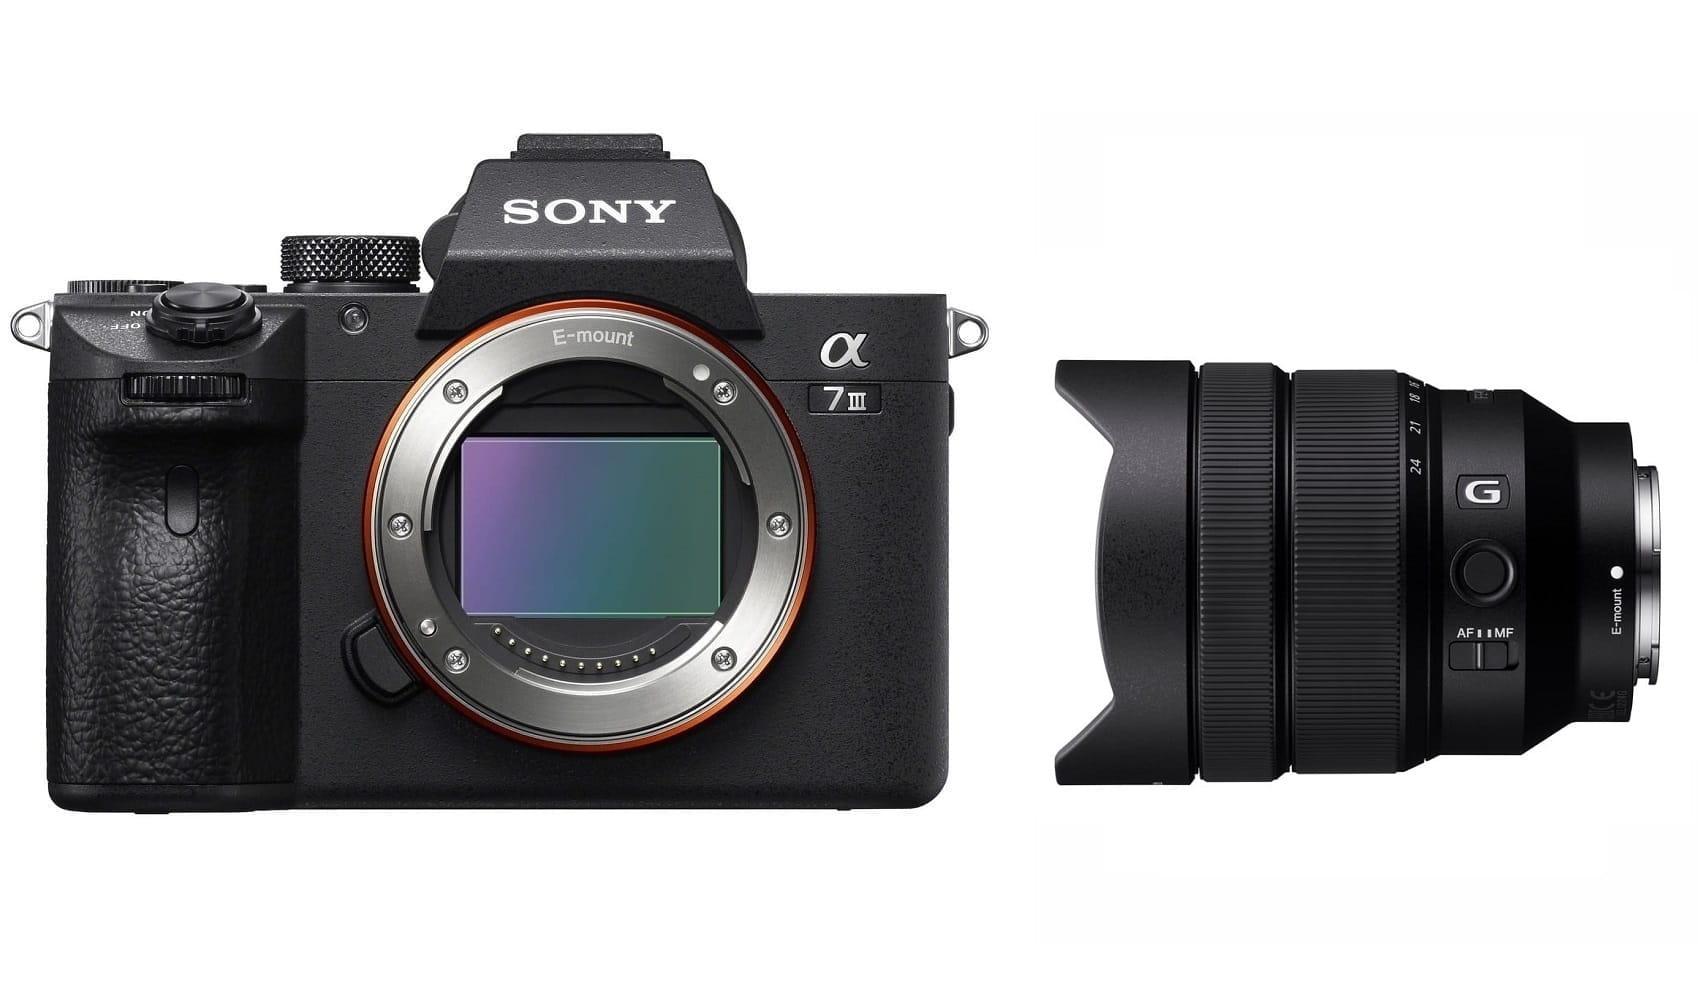 Aparat cyfrowy Sony A7 III - ILCE7M3B + obiektyw FE 12-24 mm f/4.0 G - SEL1224G + cashback 900 i 450 zł